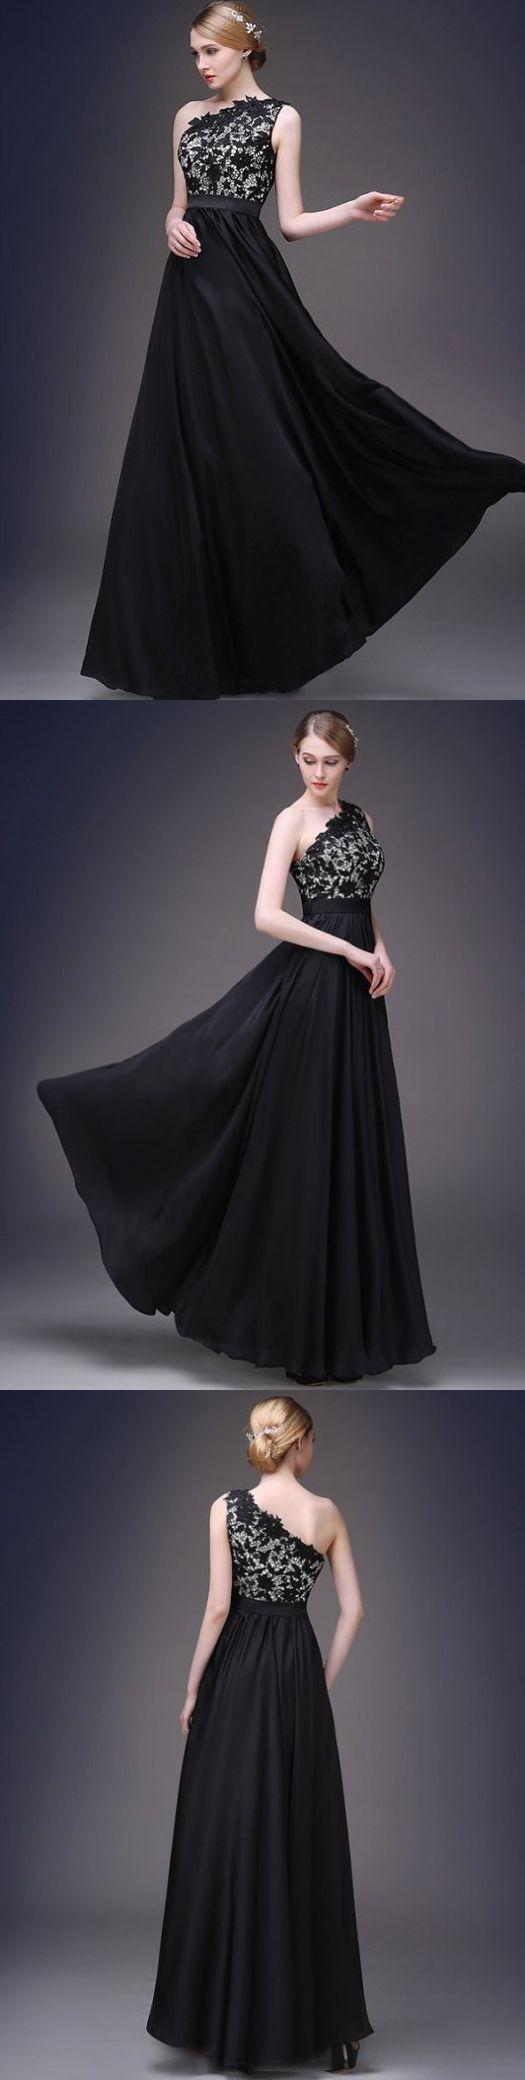 abendkleider lang,kommunionkleider,schöne kleider,lange